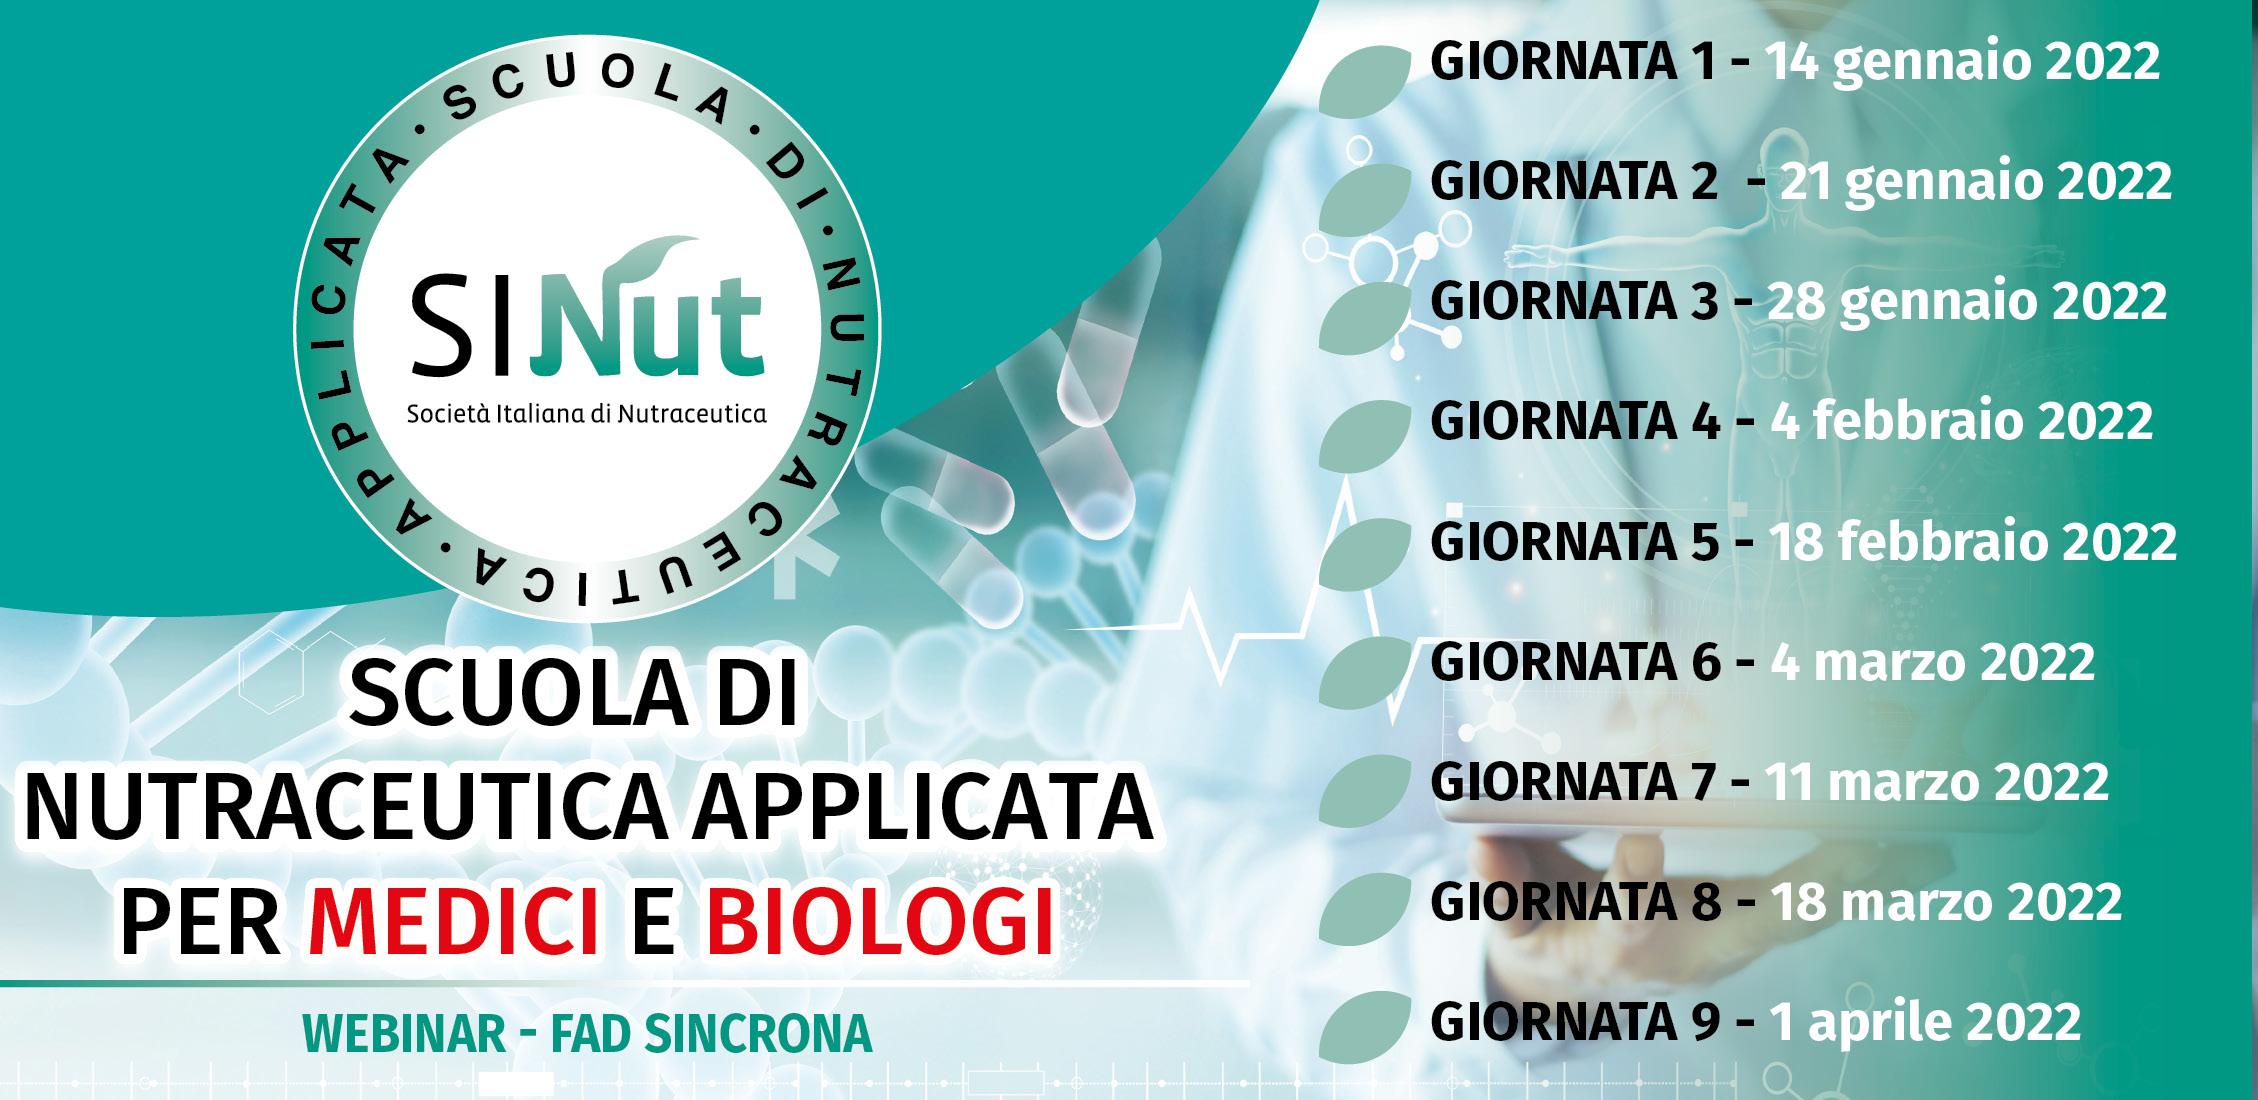 Scuola di Nutraceutica Applicata per MEDICI e BIOLOGI